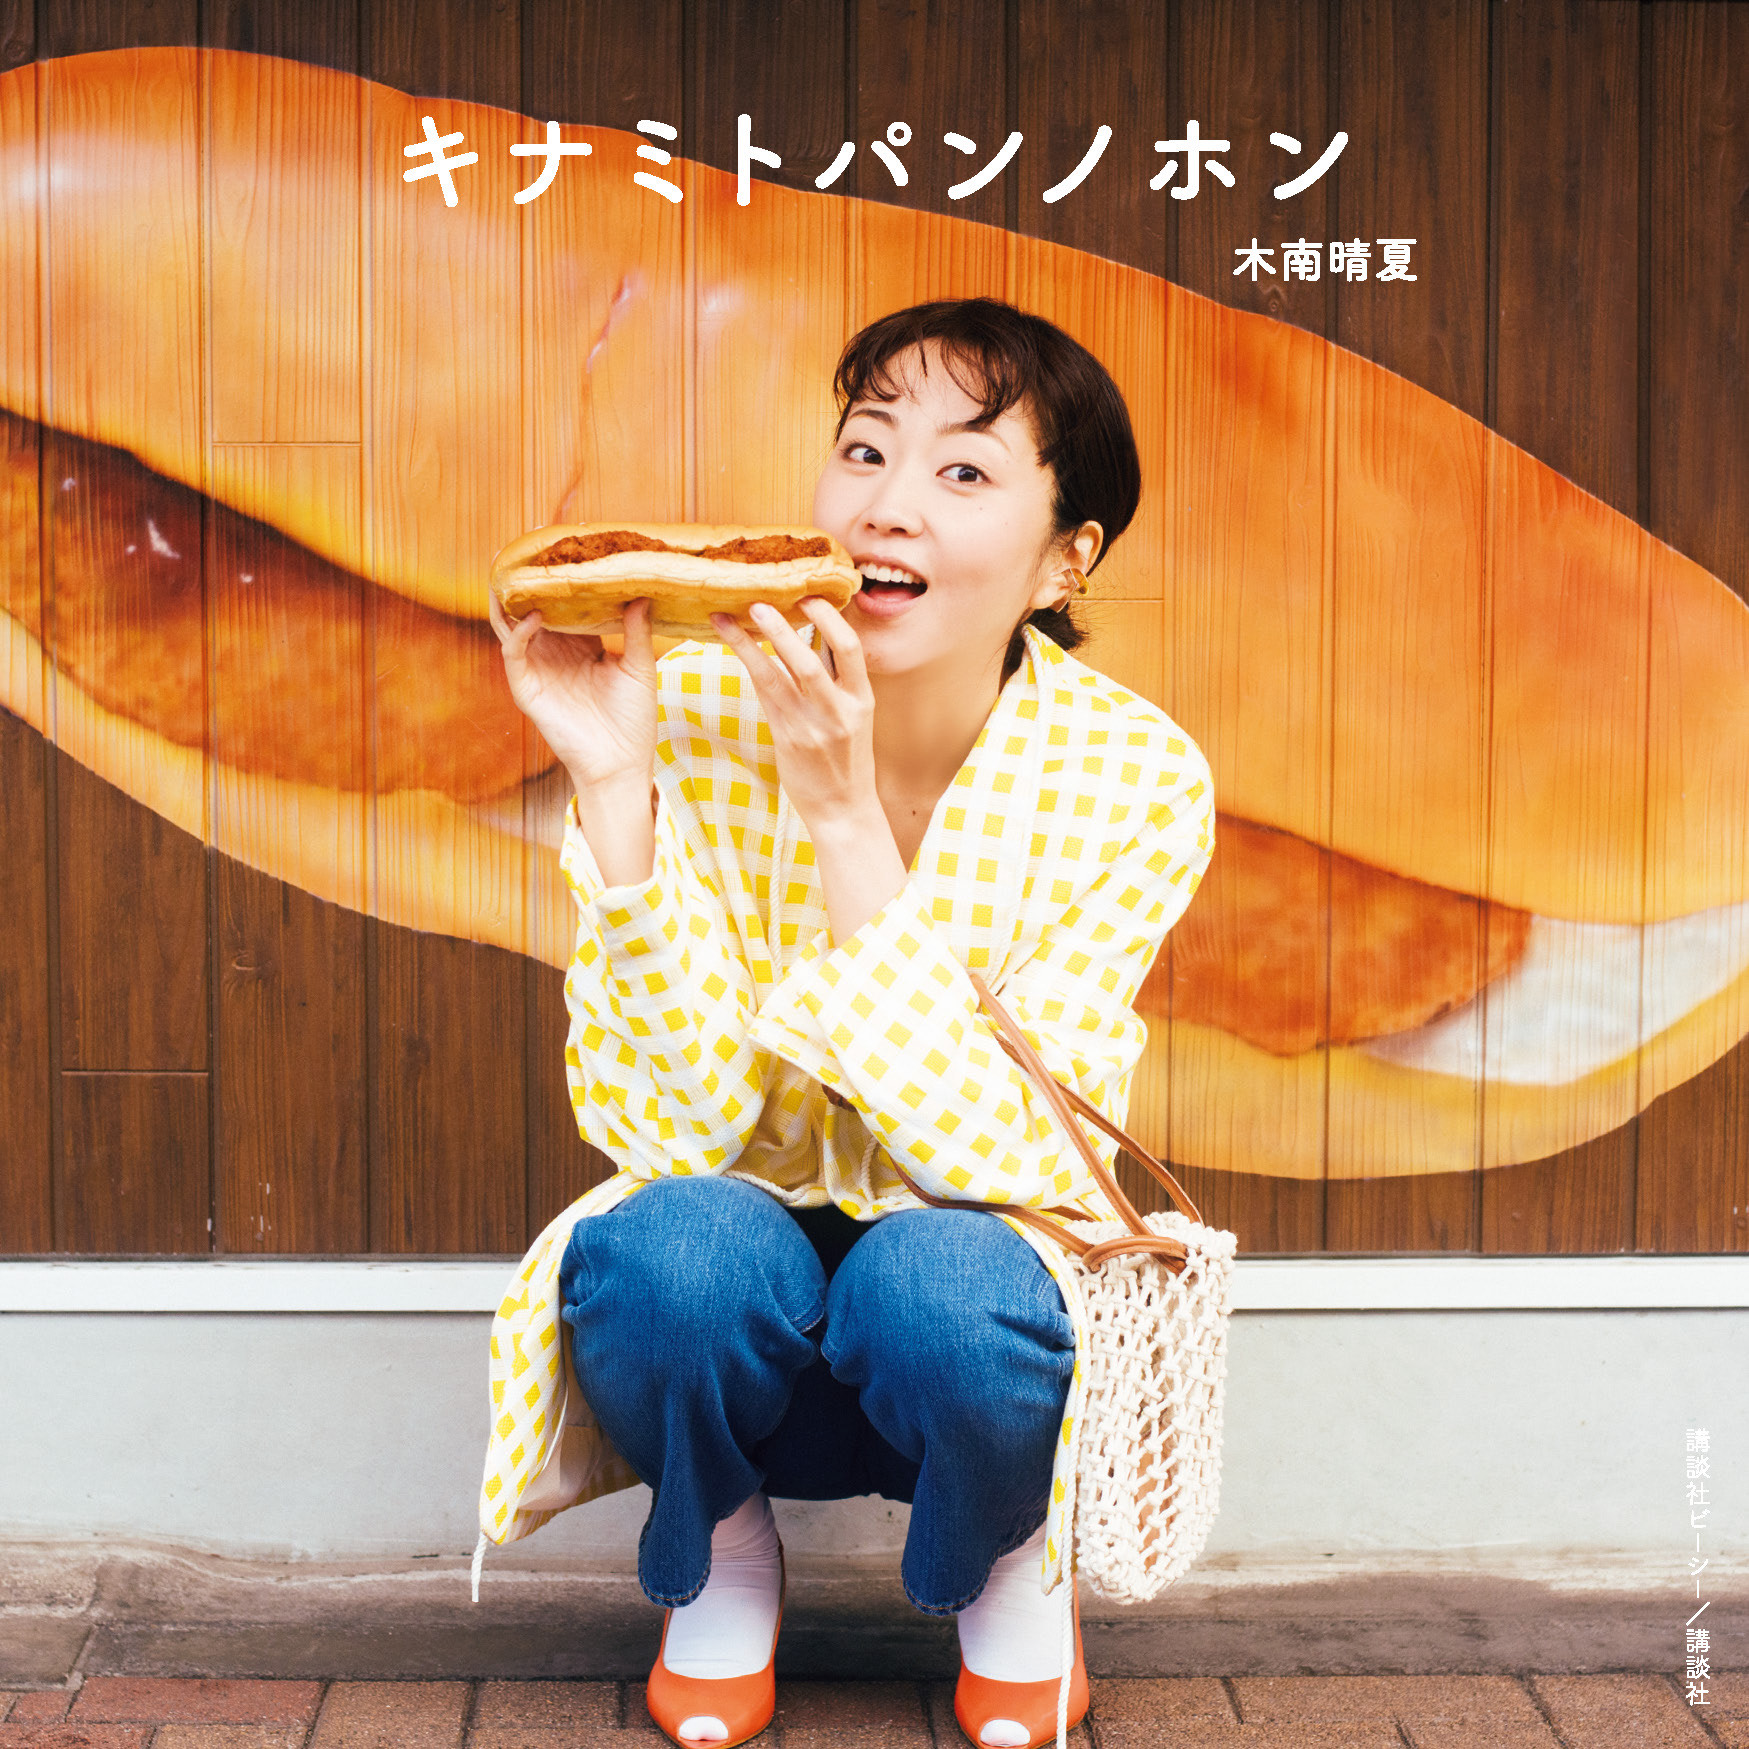 kinami_20200326main.jpg